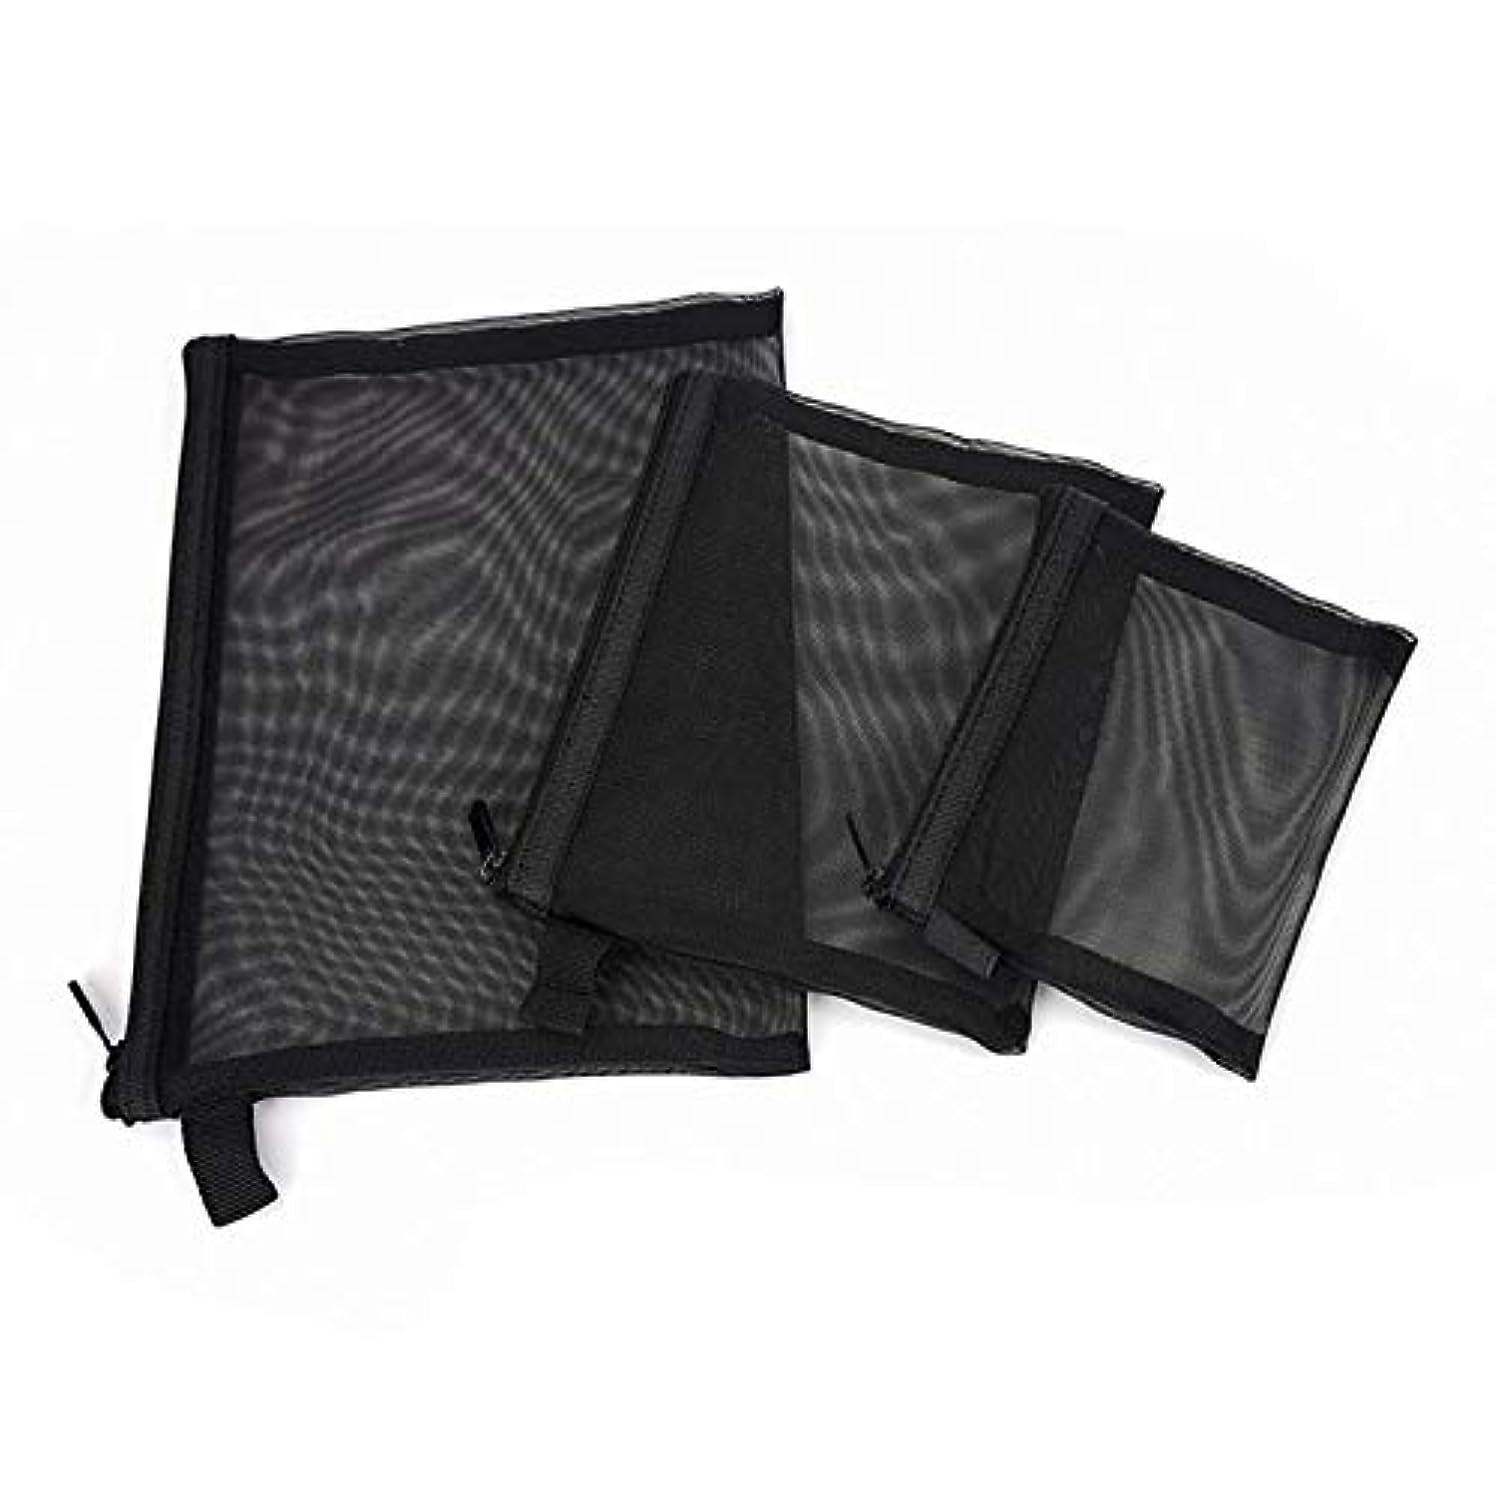 RETYLY トラベルトイレタリーキットセット収納ポーチビューティーメイクアップコスメアクセサリーオーガナイザー3個組(S/M/L)ブラック